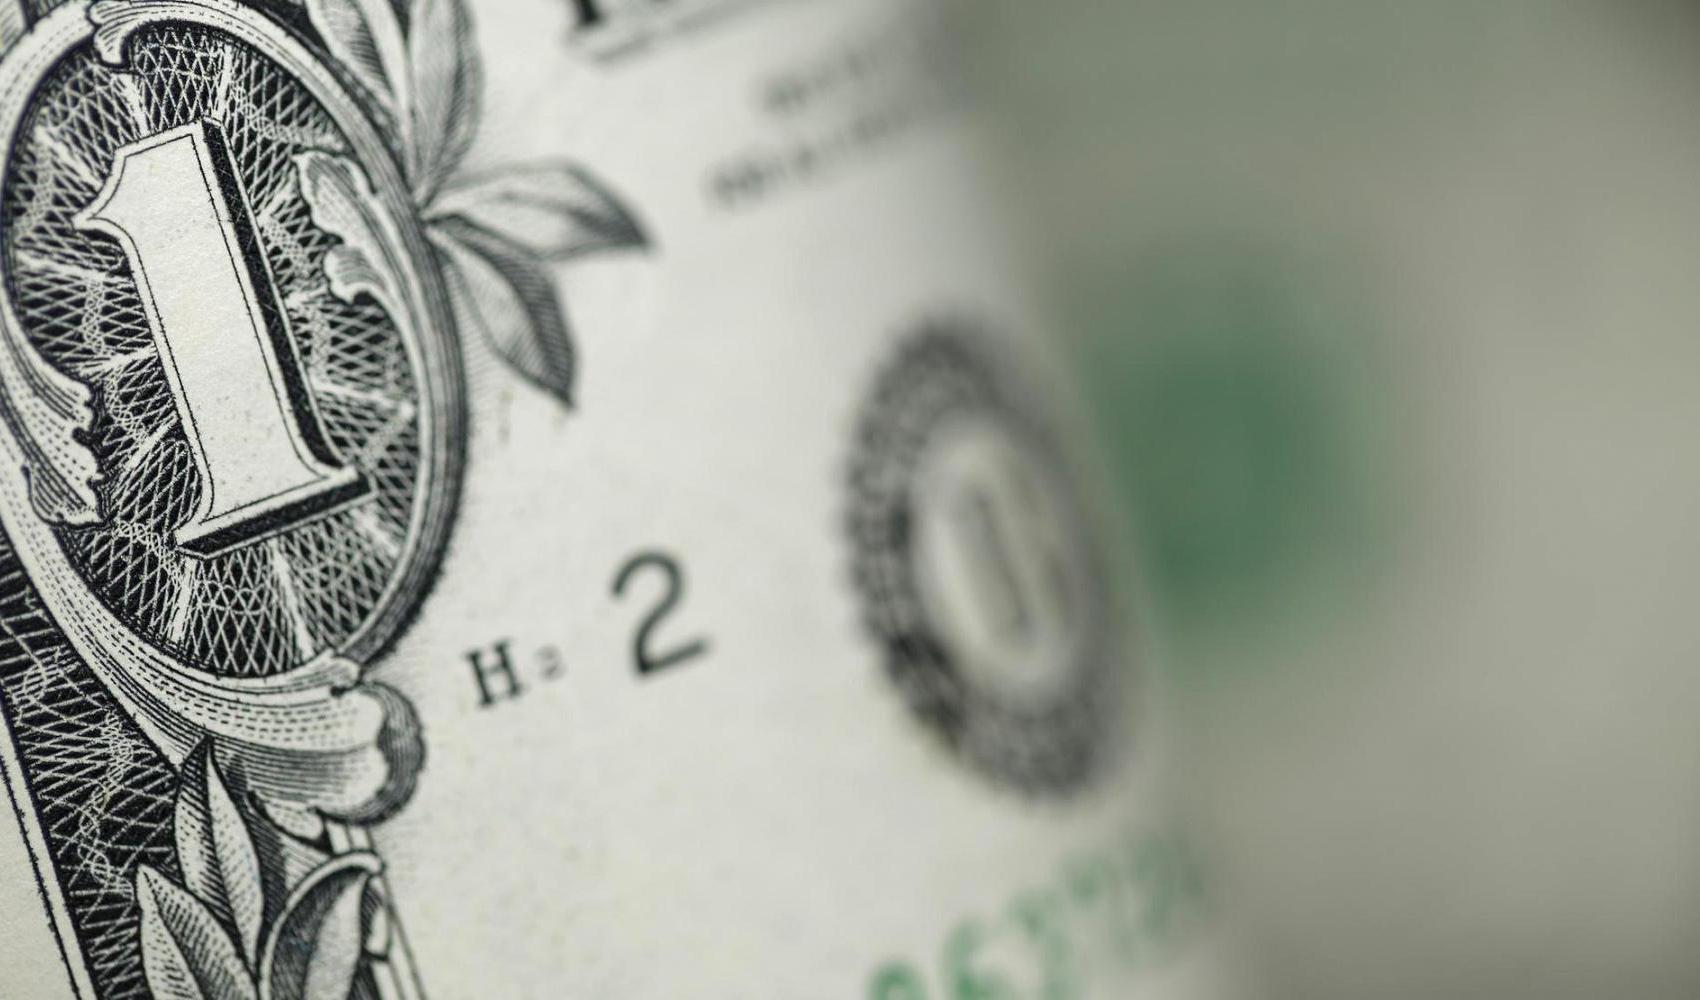 نیاز اقتصاد جهانی به مقابله با دلار با استفاده از ارز مجازی